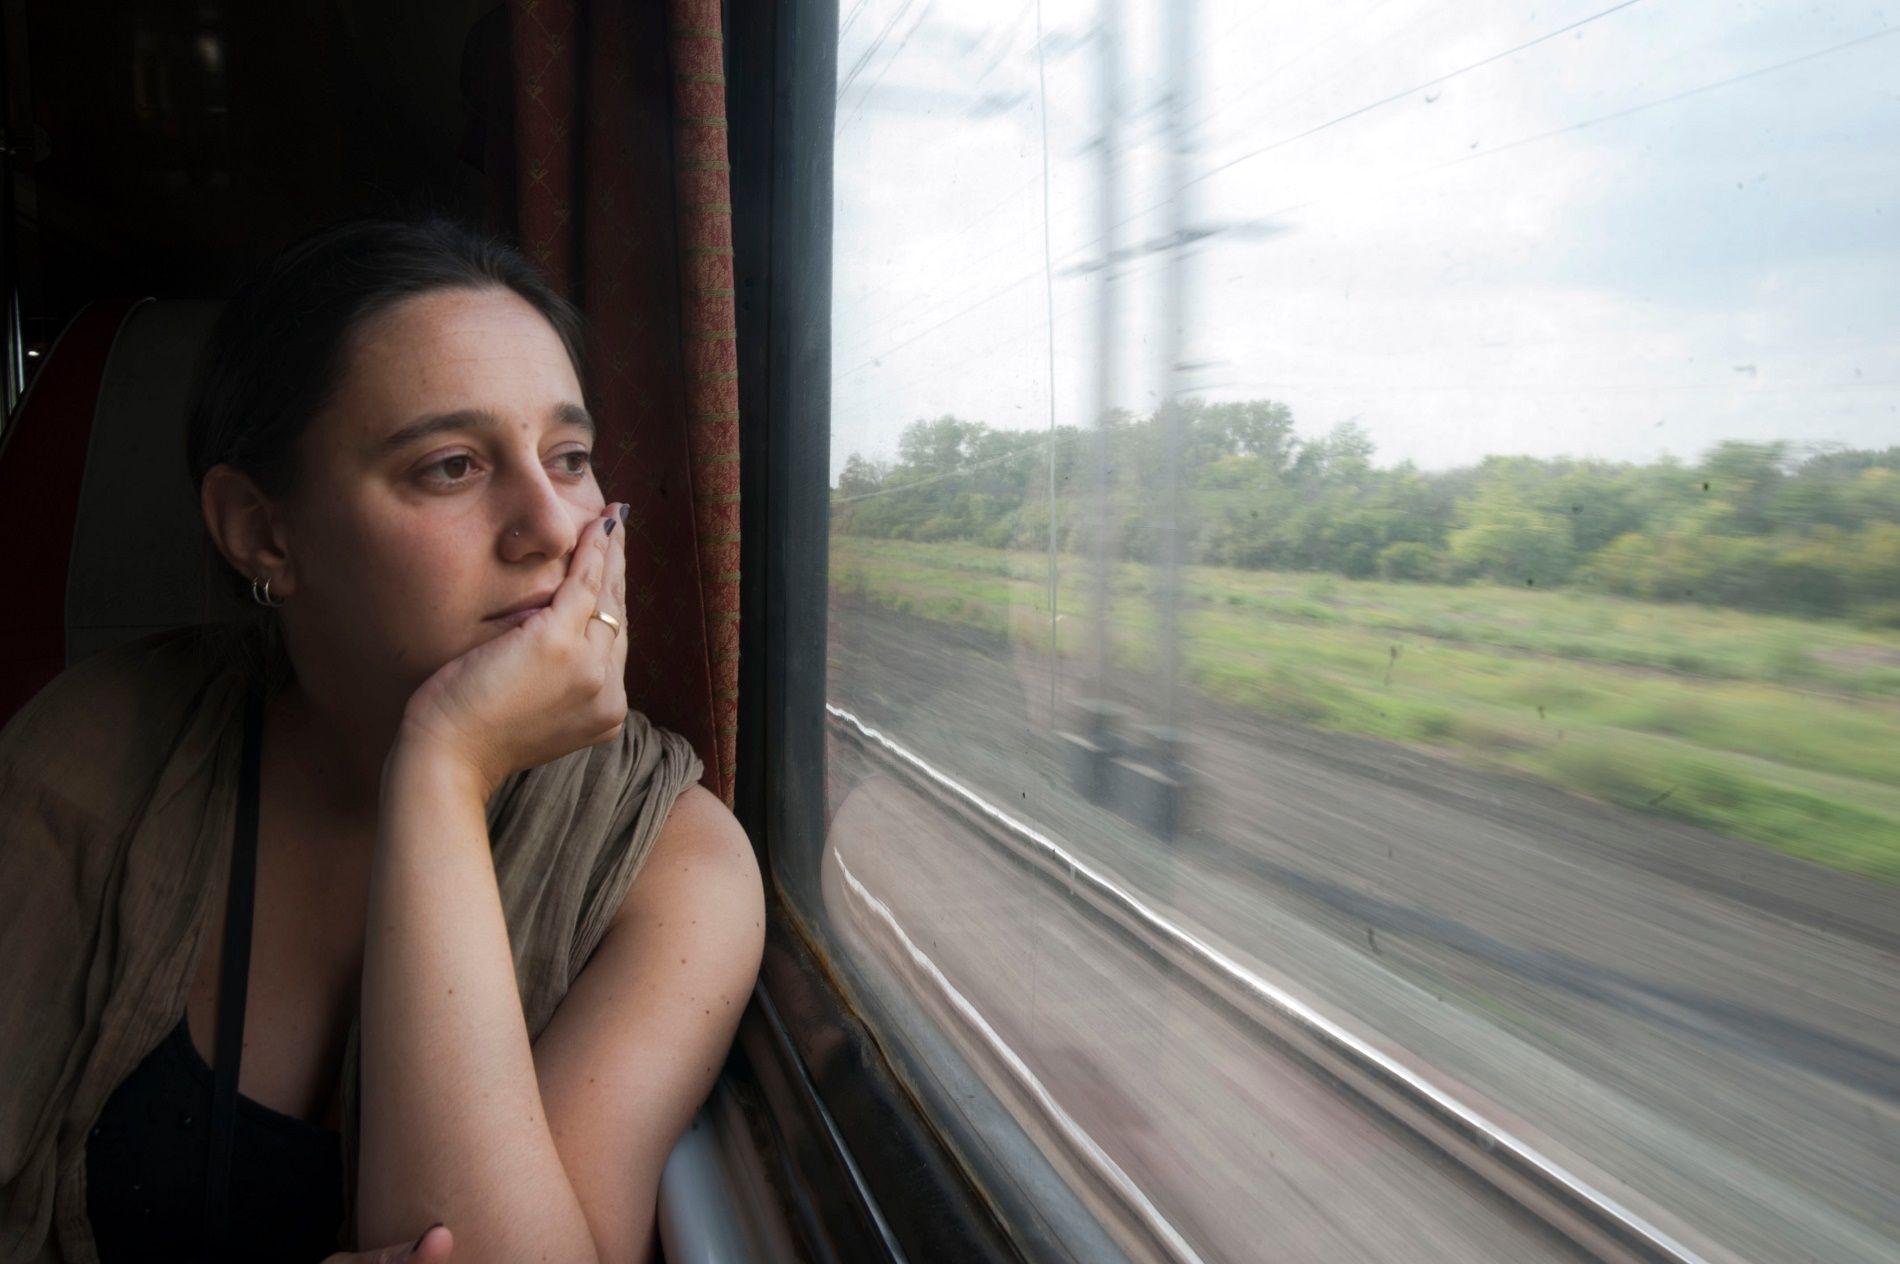 Quali sono i sintomi dell'astinenza da vacanze?